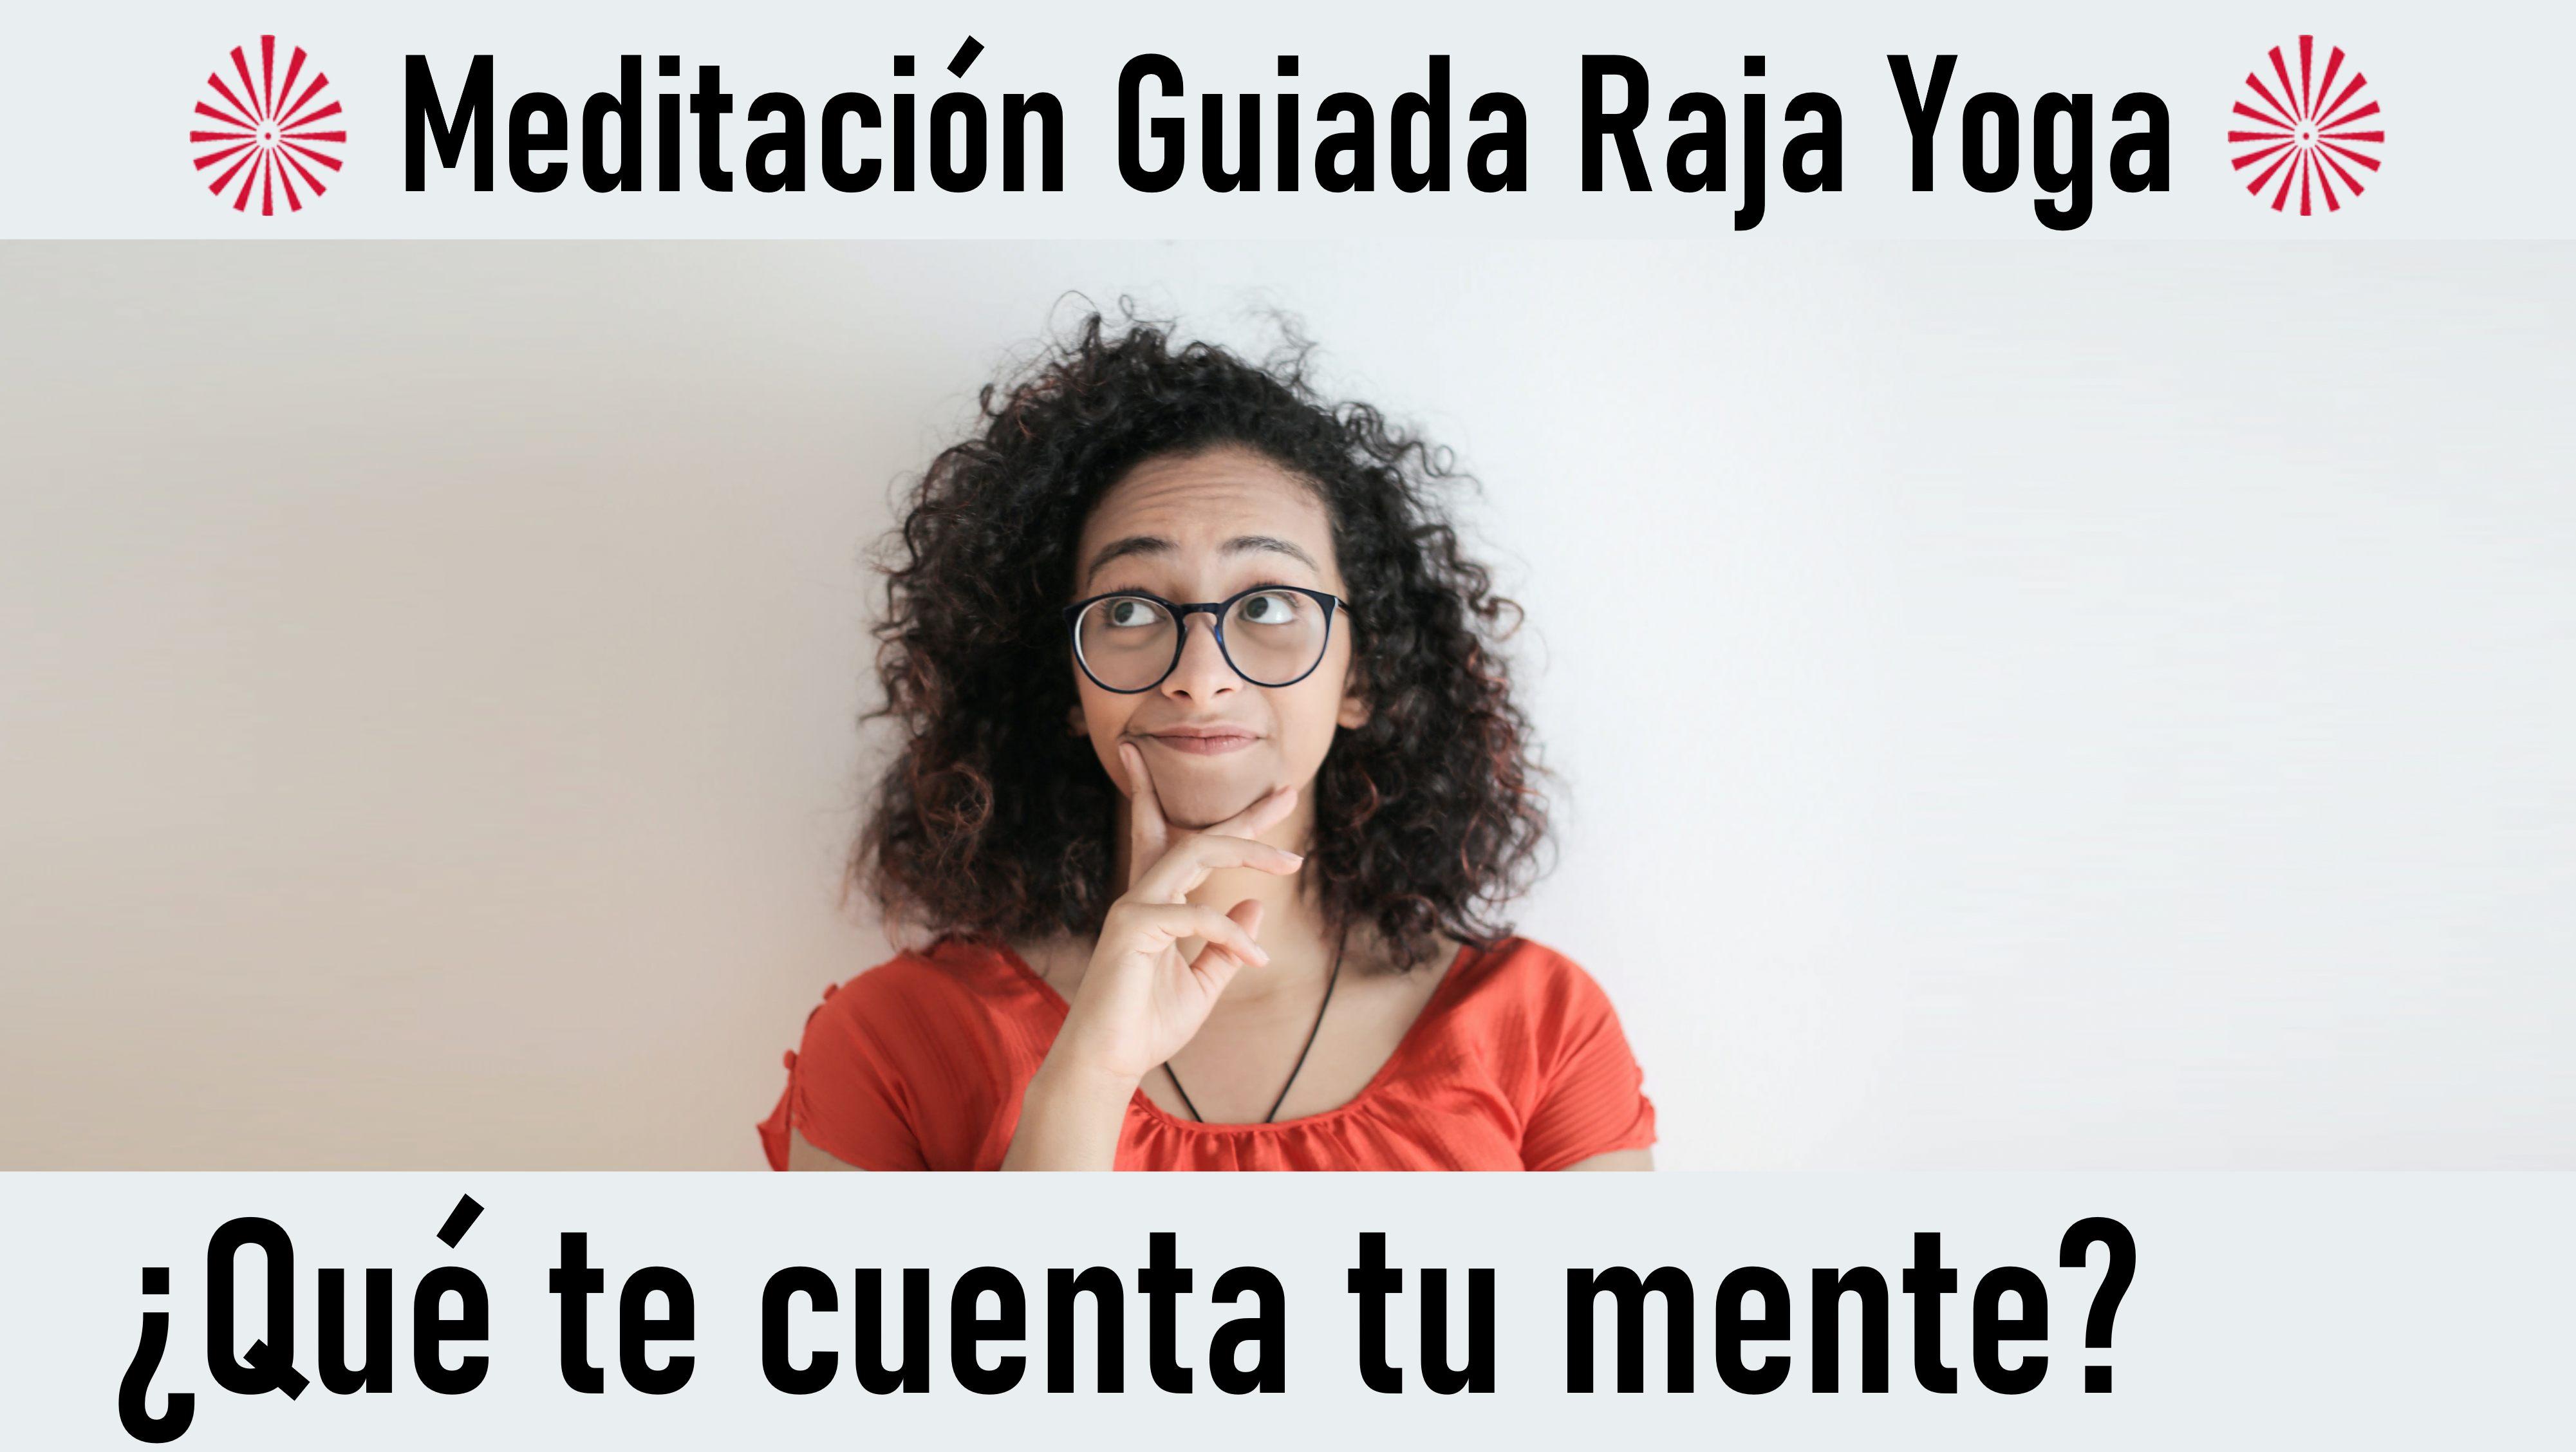 Meditación Raja Yoga: ¿Qué te cuenta tu mente? (21 Septiembre 2020) On-line desde Madrid